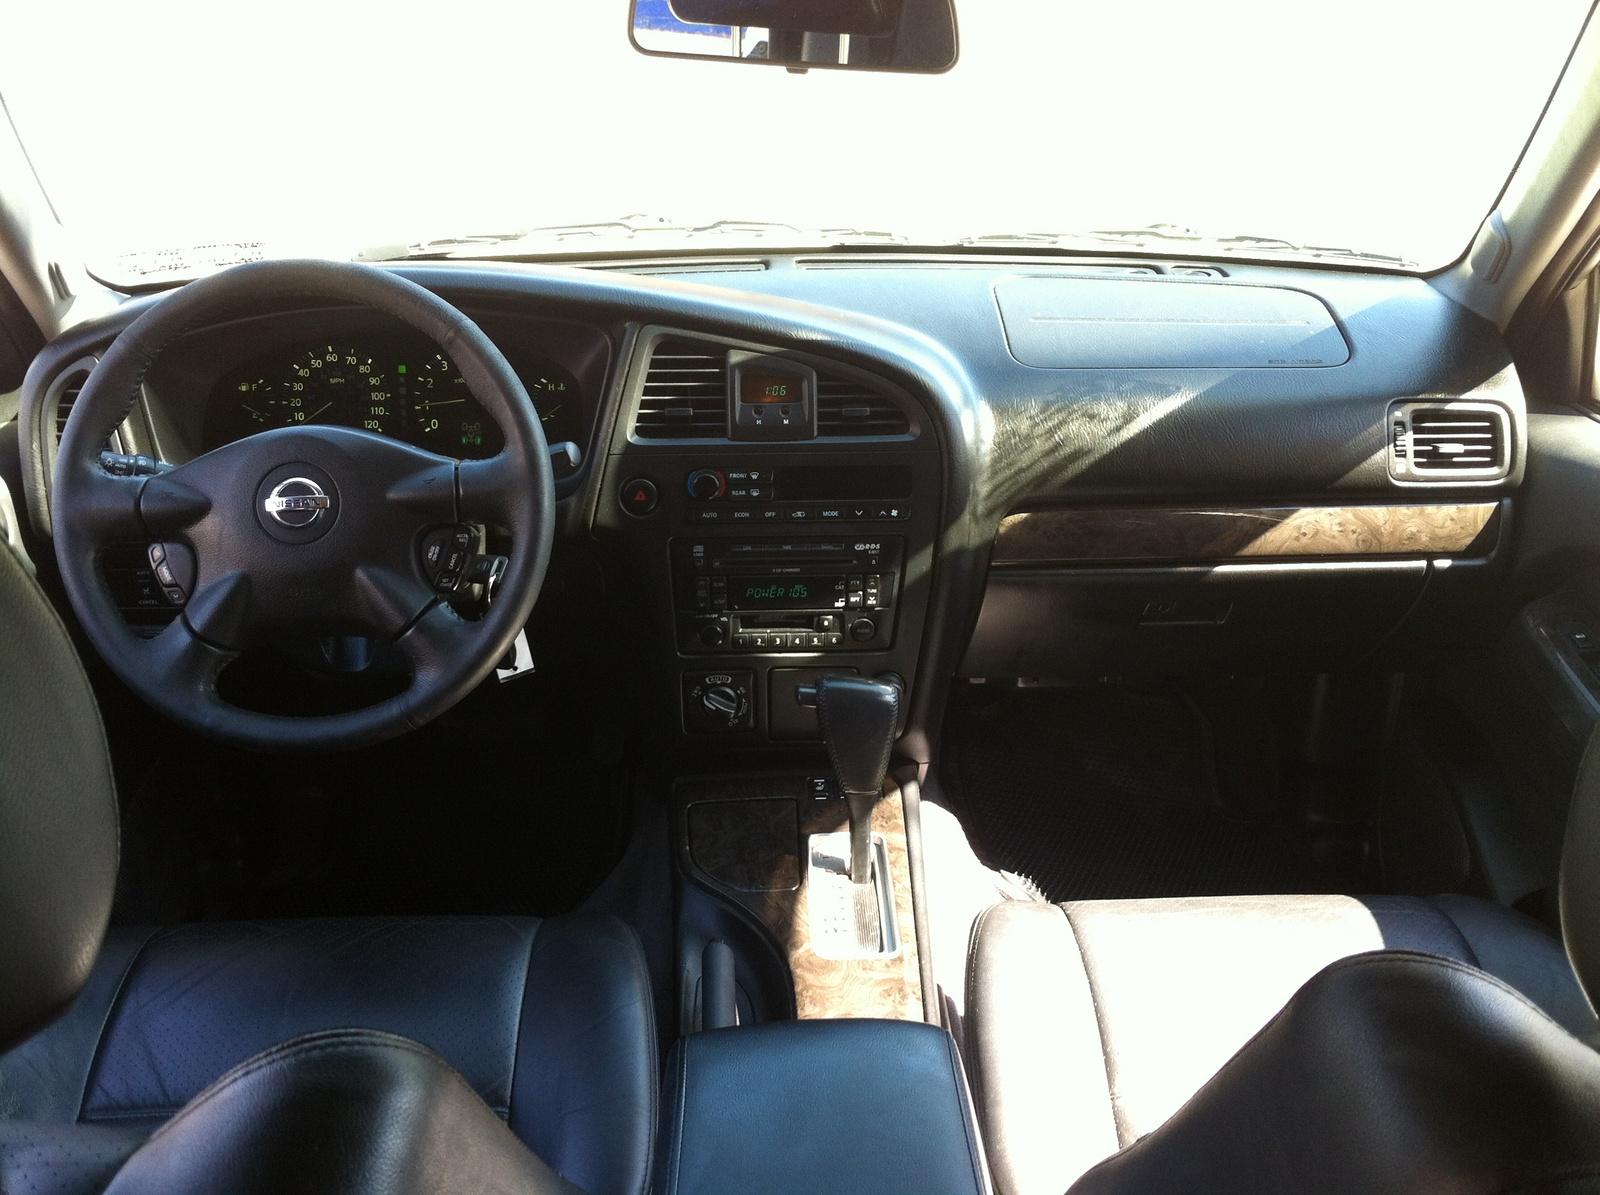 2004 Nissan Pathfinder Interior Photos